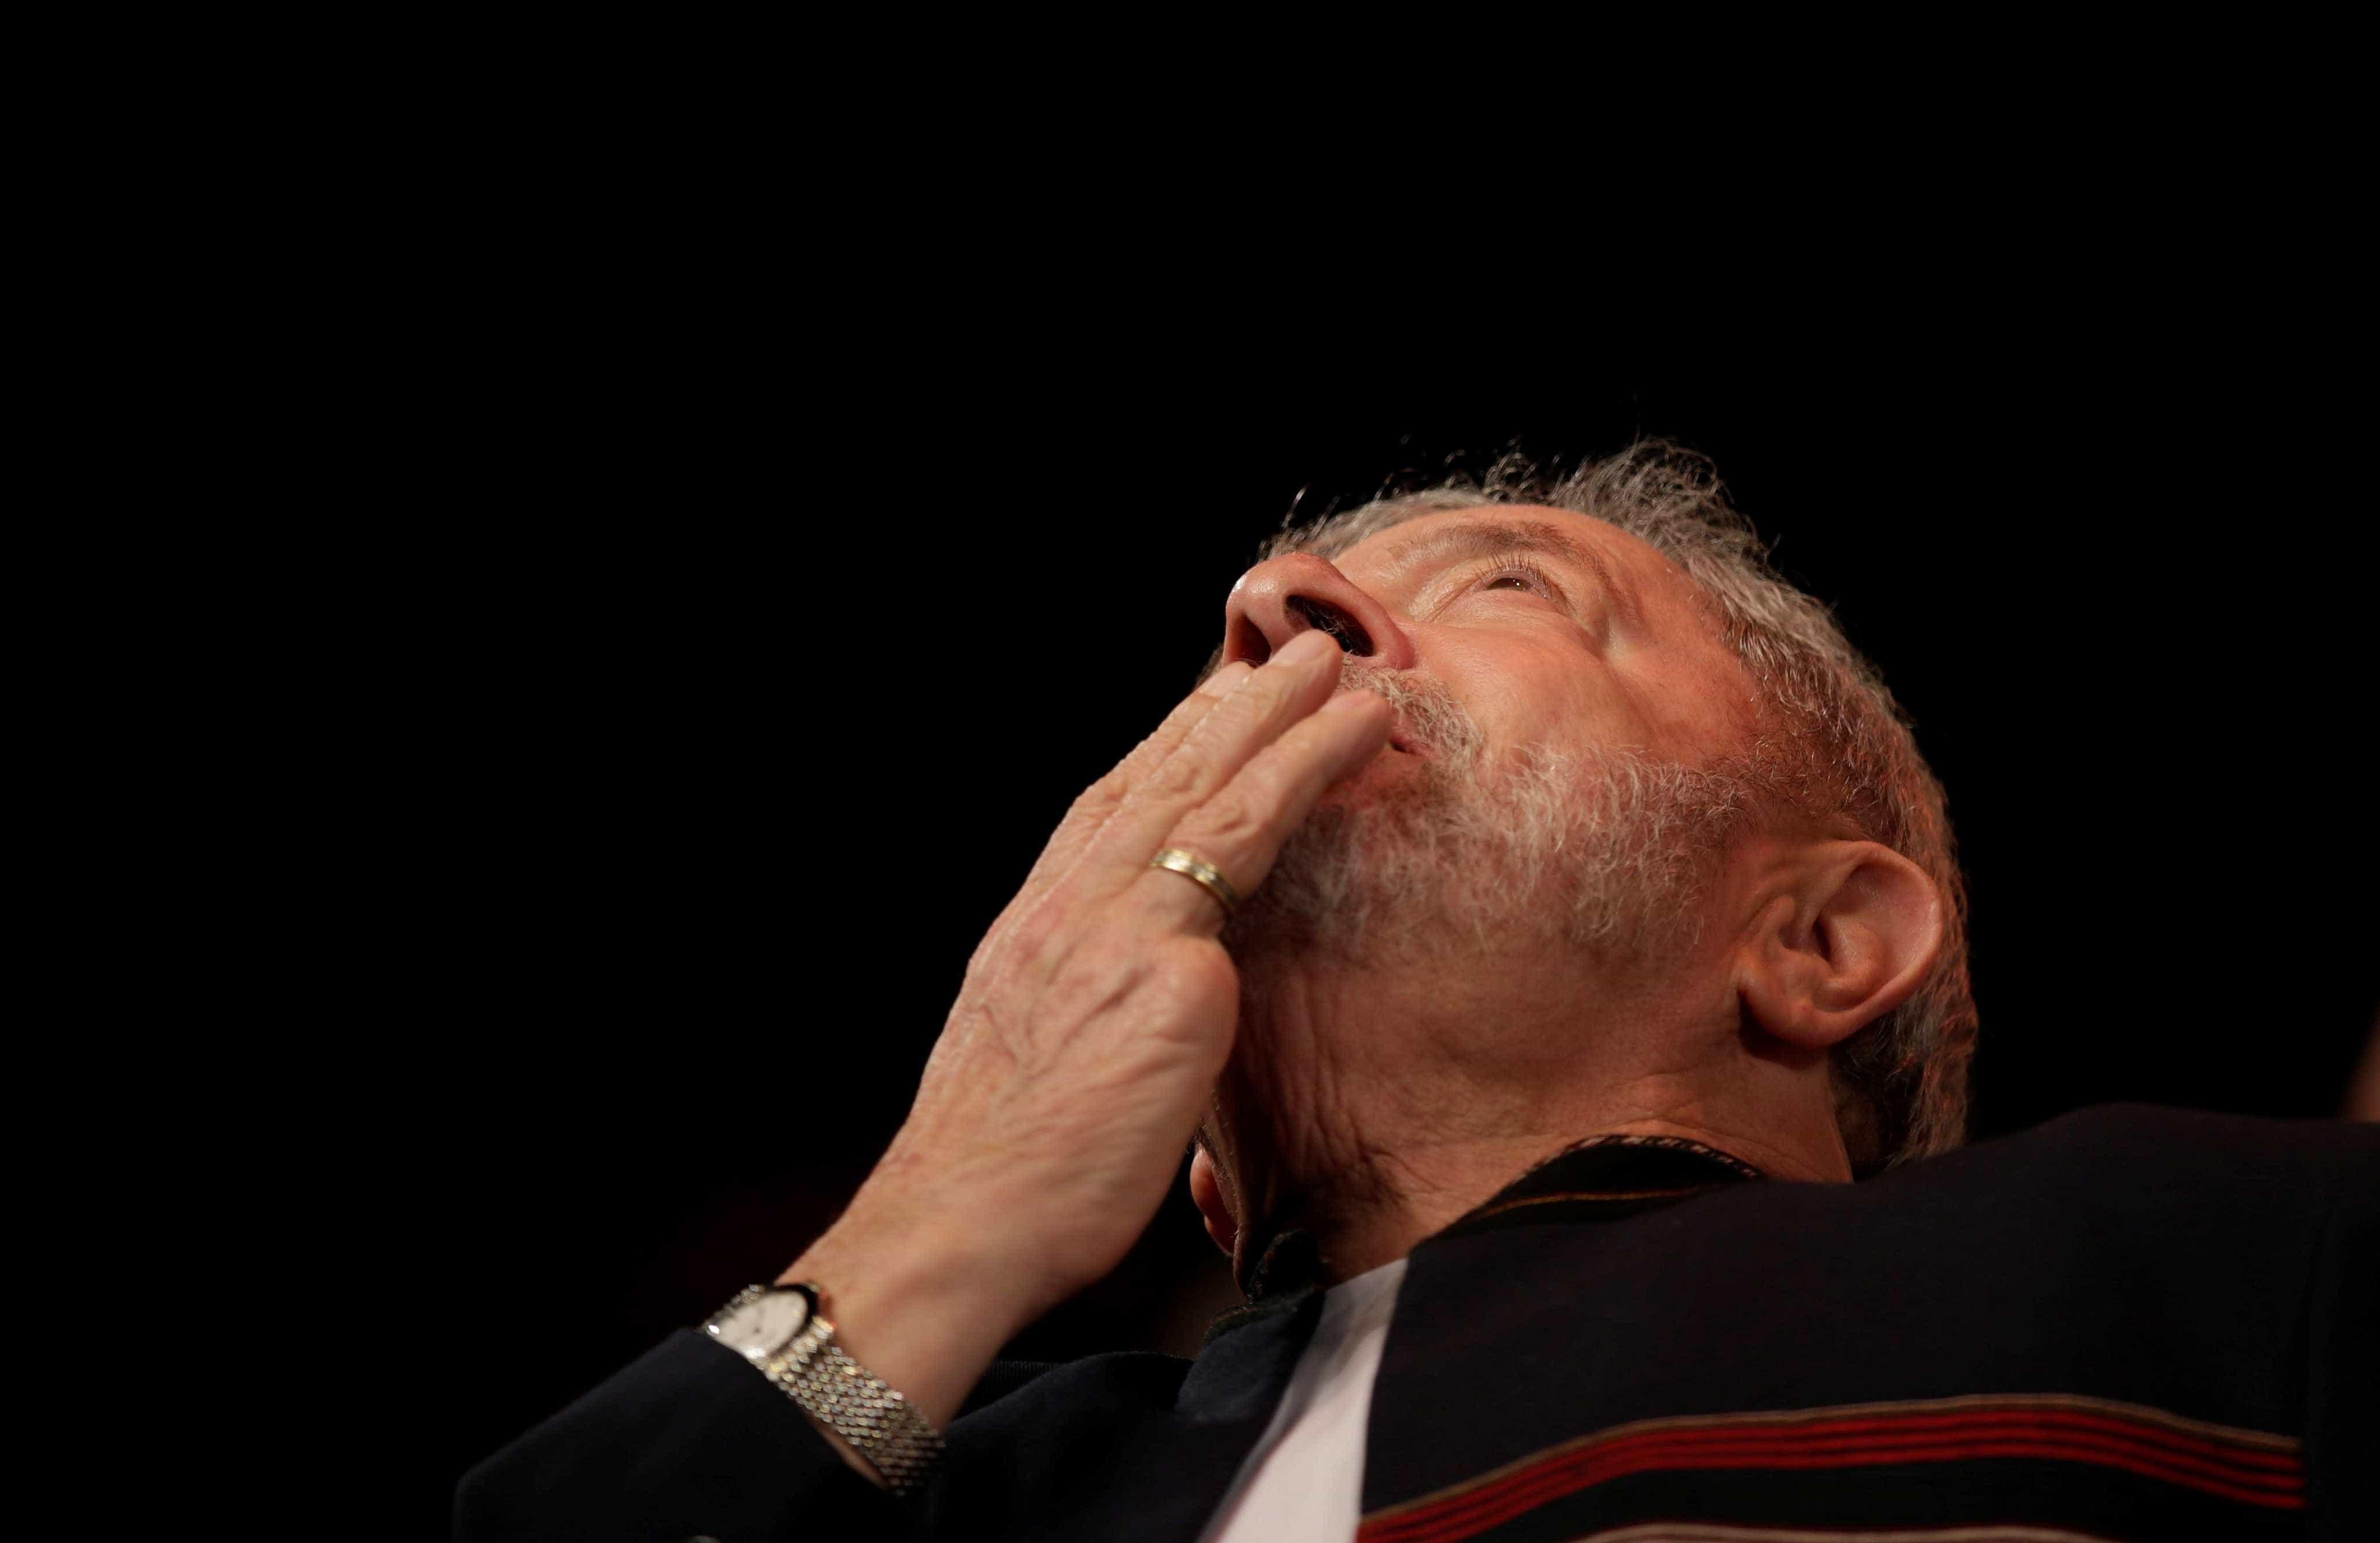 Lei sancionada por Lula em 2013 o prejudica em processo da Lava Jato